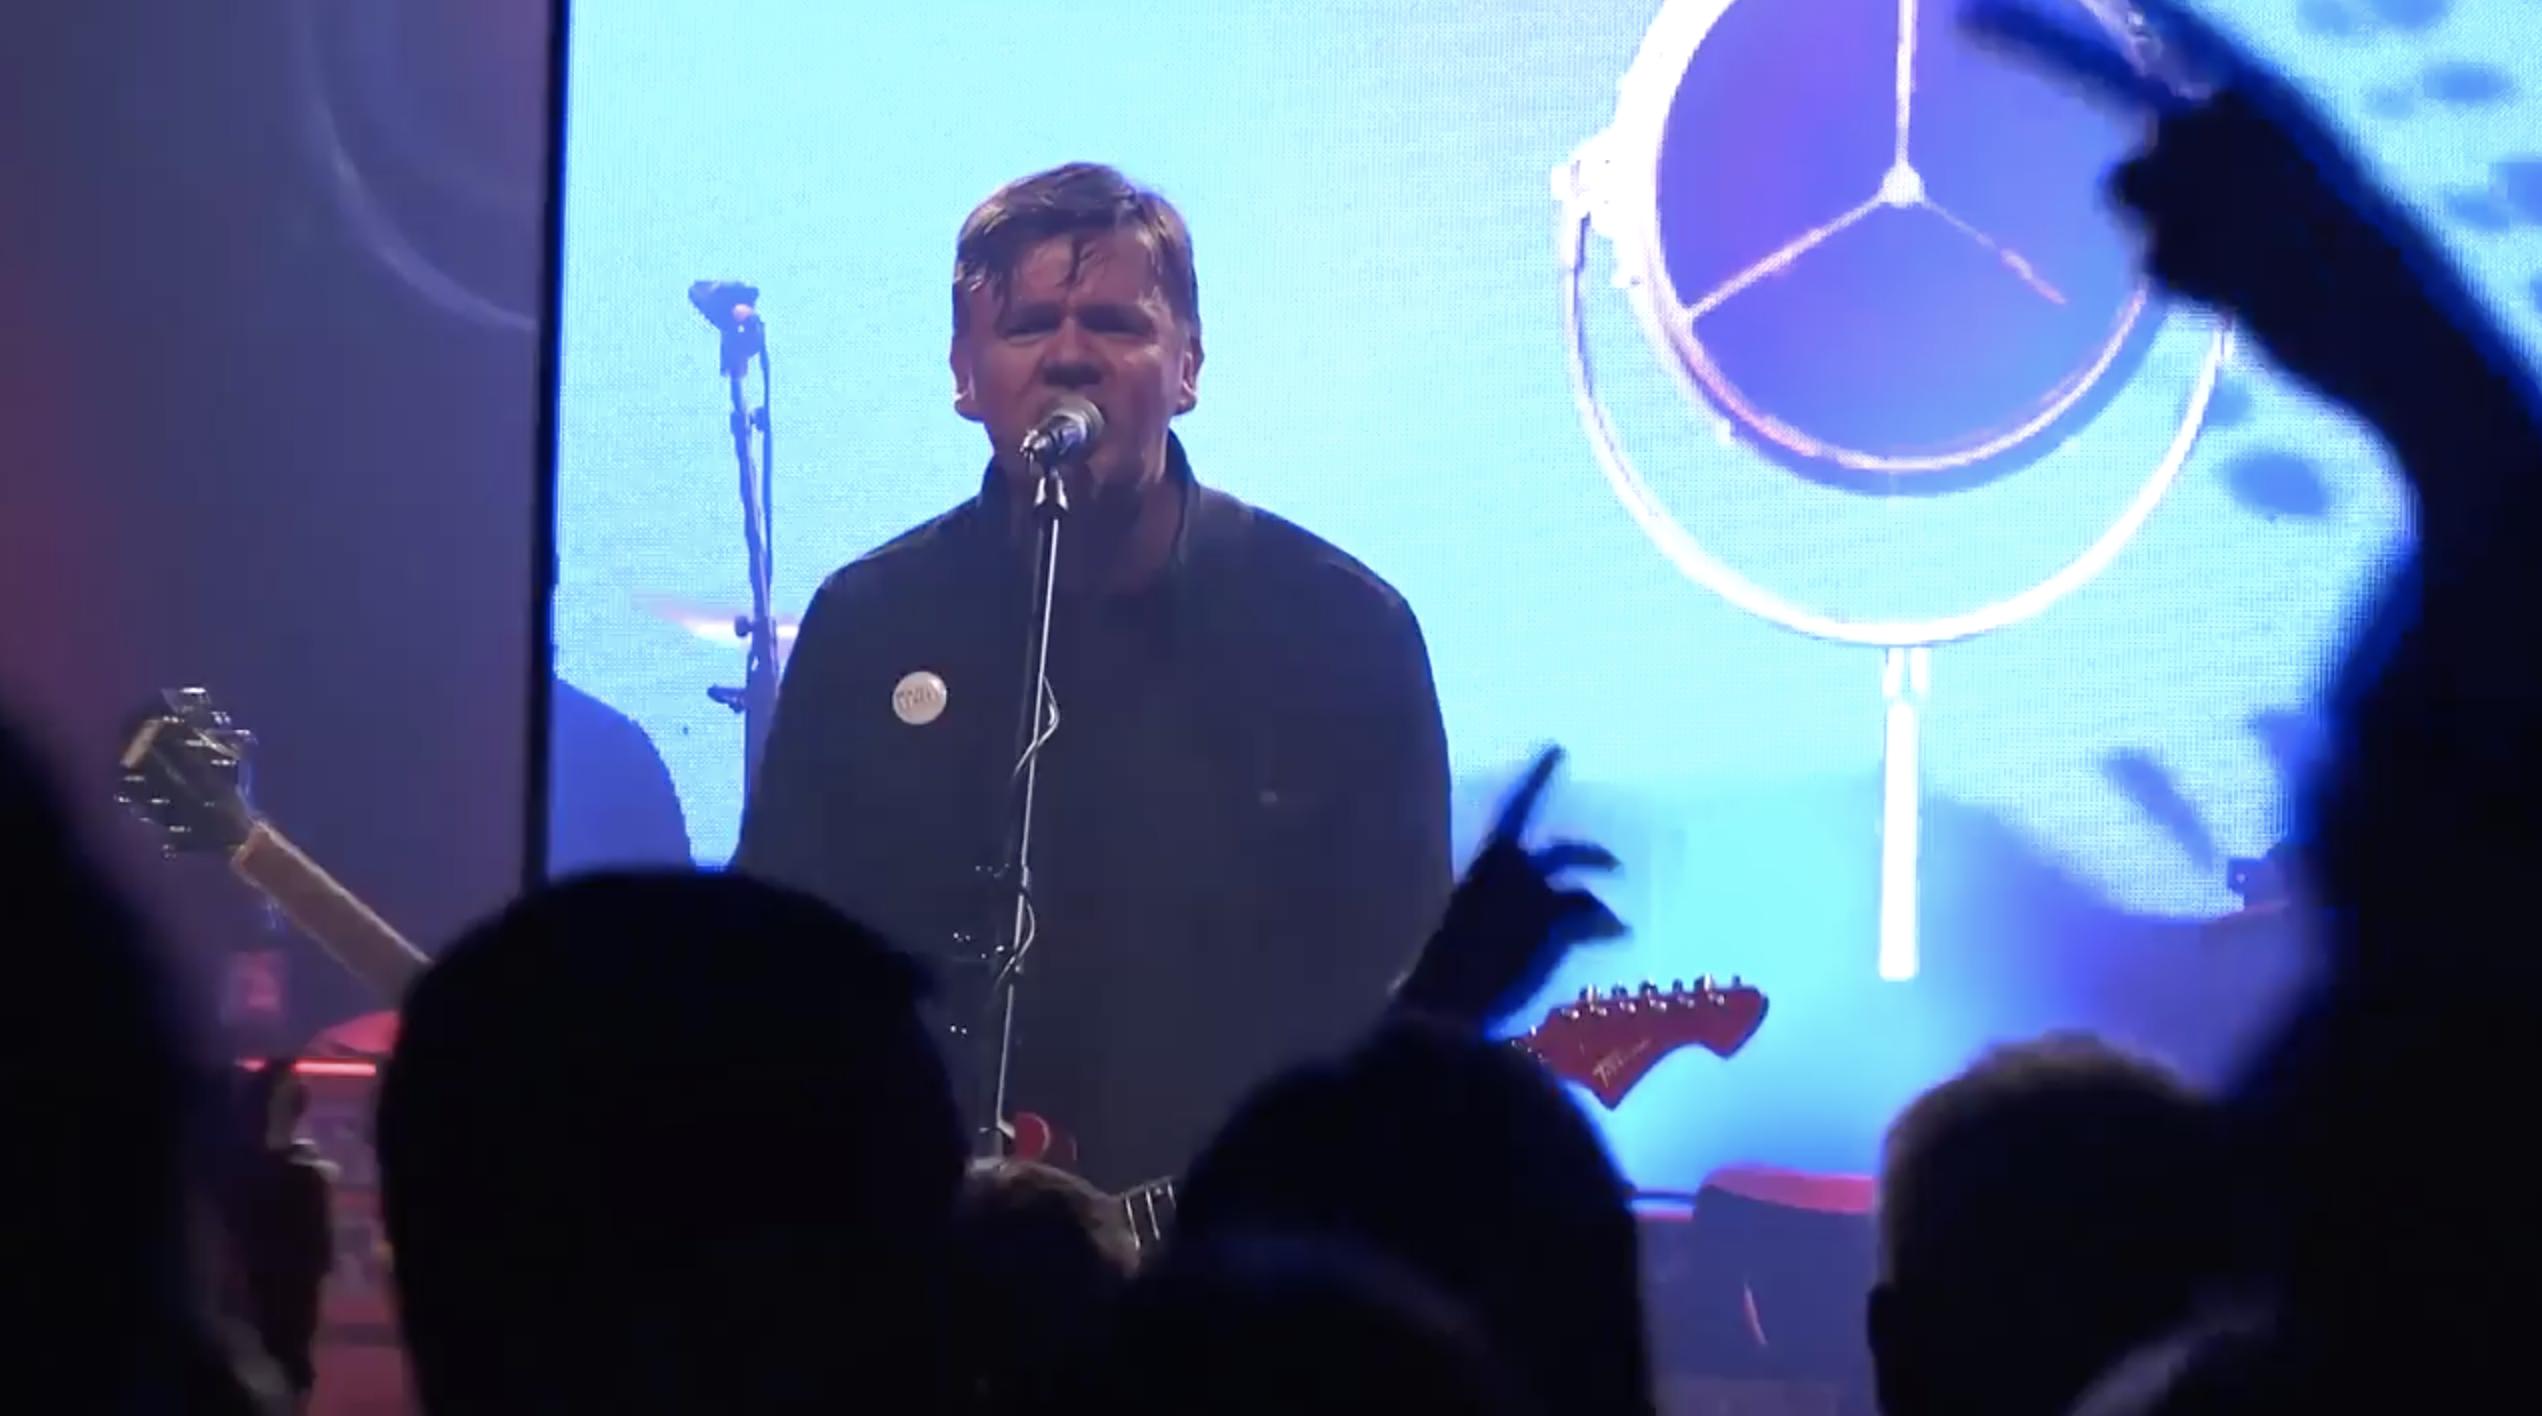 Michal Hrůza jede turné Sám se sebou, na pódiu se ale lidem umí rozdat